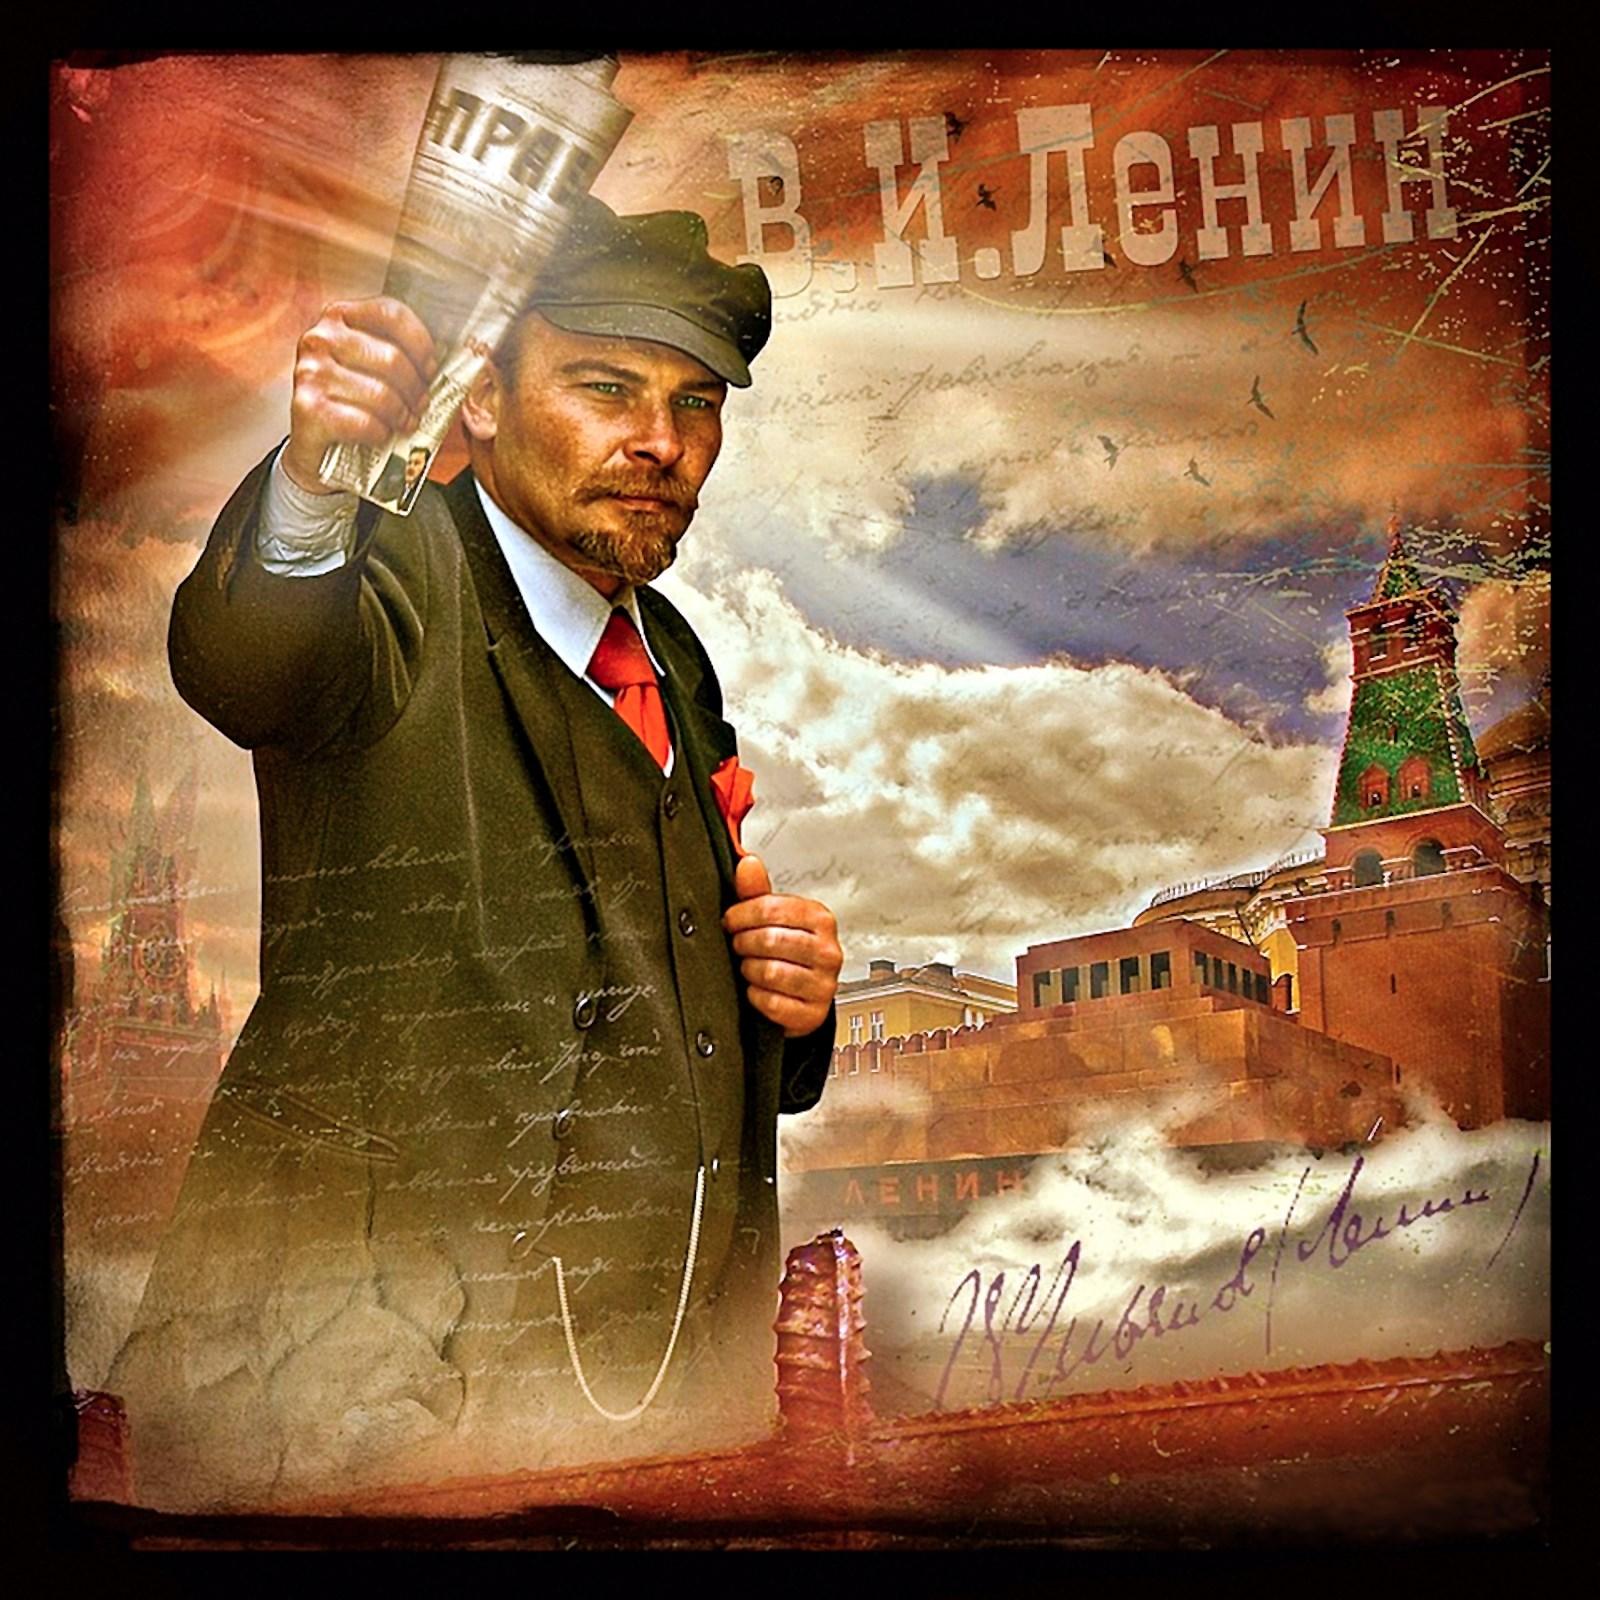 00 inObrAS. In Memory of Lenin. 2008